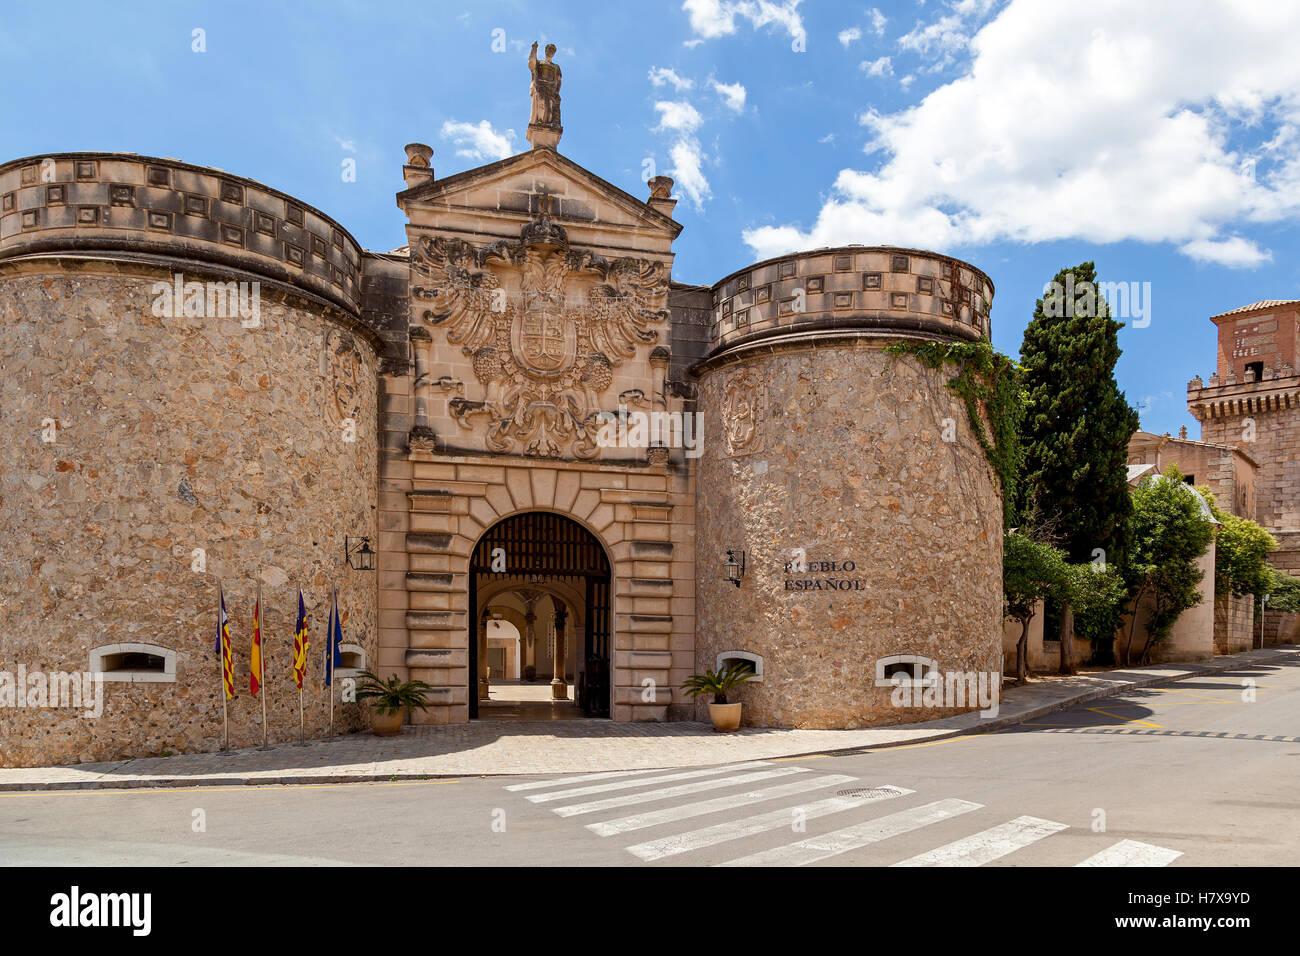 Pable Espanol spanisches Dorf ein Freilichtmuseum in Palma De Mallorca. Es befindet sich im Stadtteil Son Espanolet. Stockbild